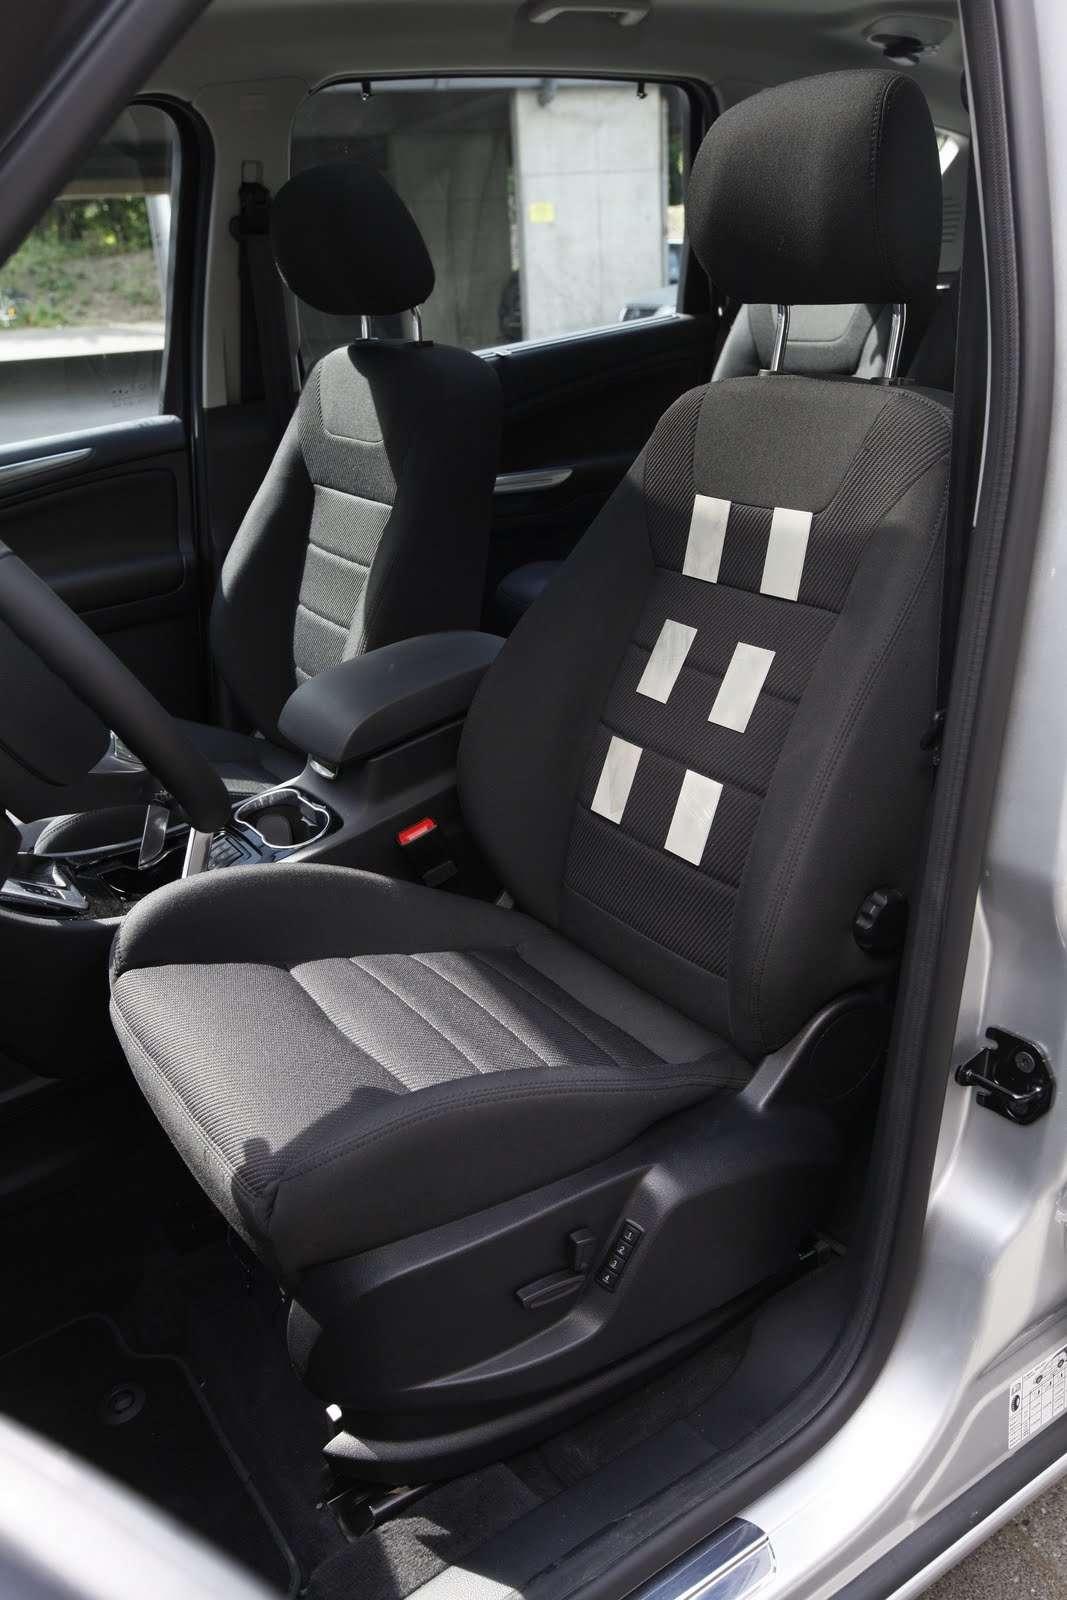 Mis au point par Ford, ce siège intelligent intègre des capteurs de pulsations cardiaques, permettant d'opérer une surveillance en temps réel du conducteur. © Ford